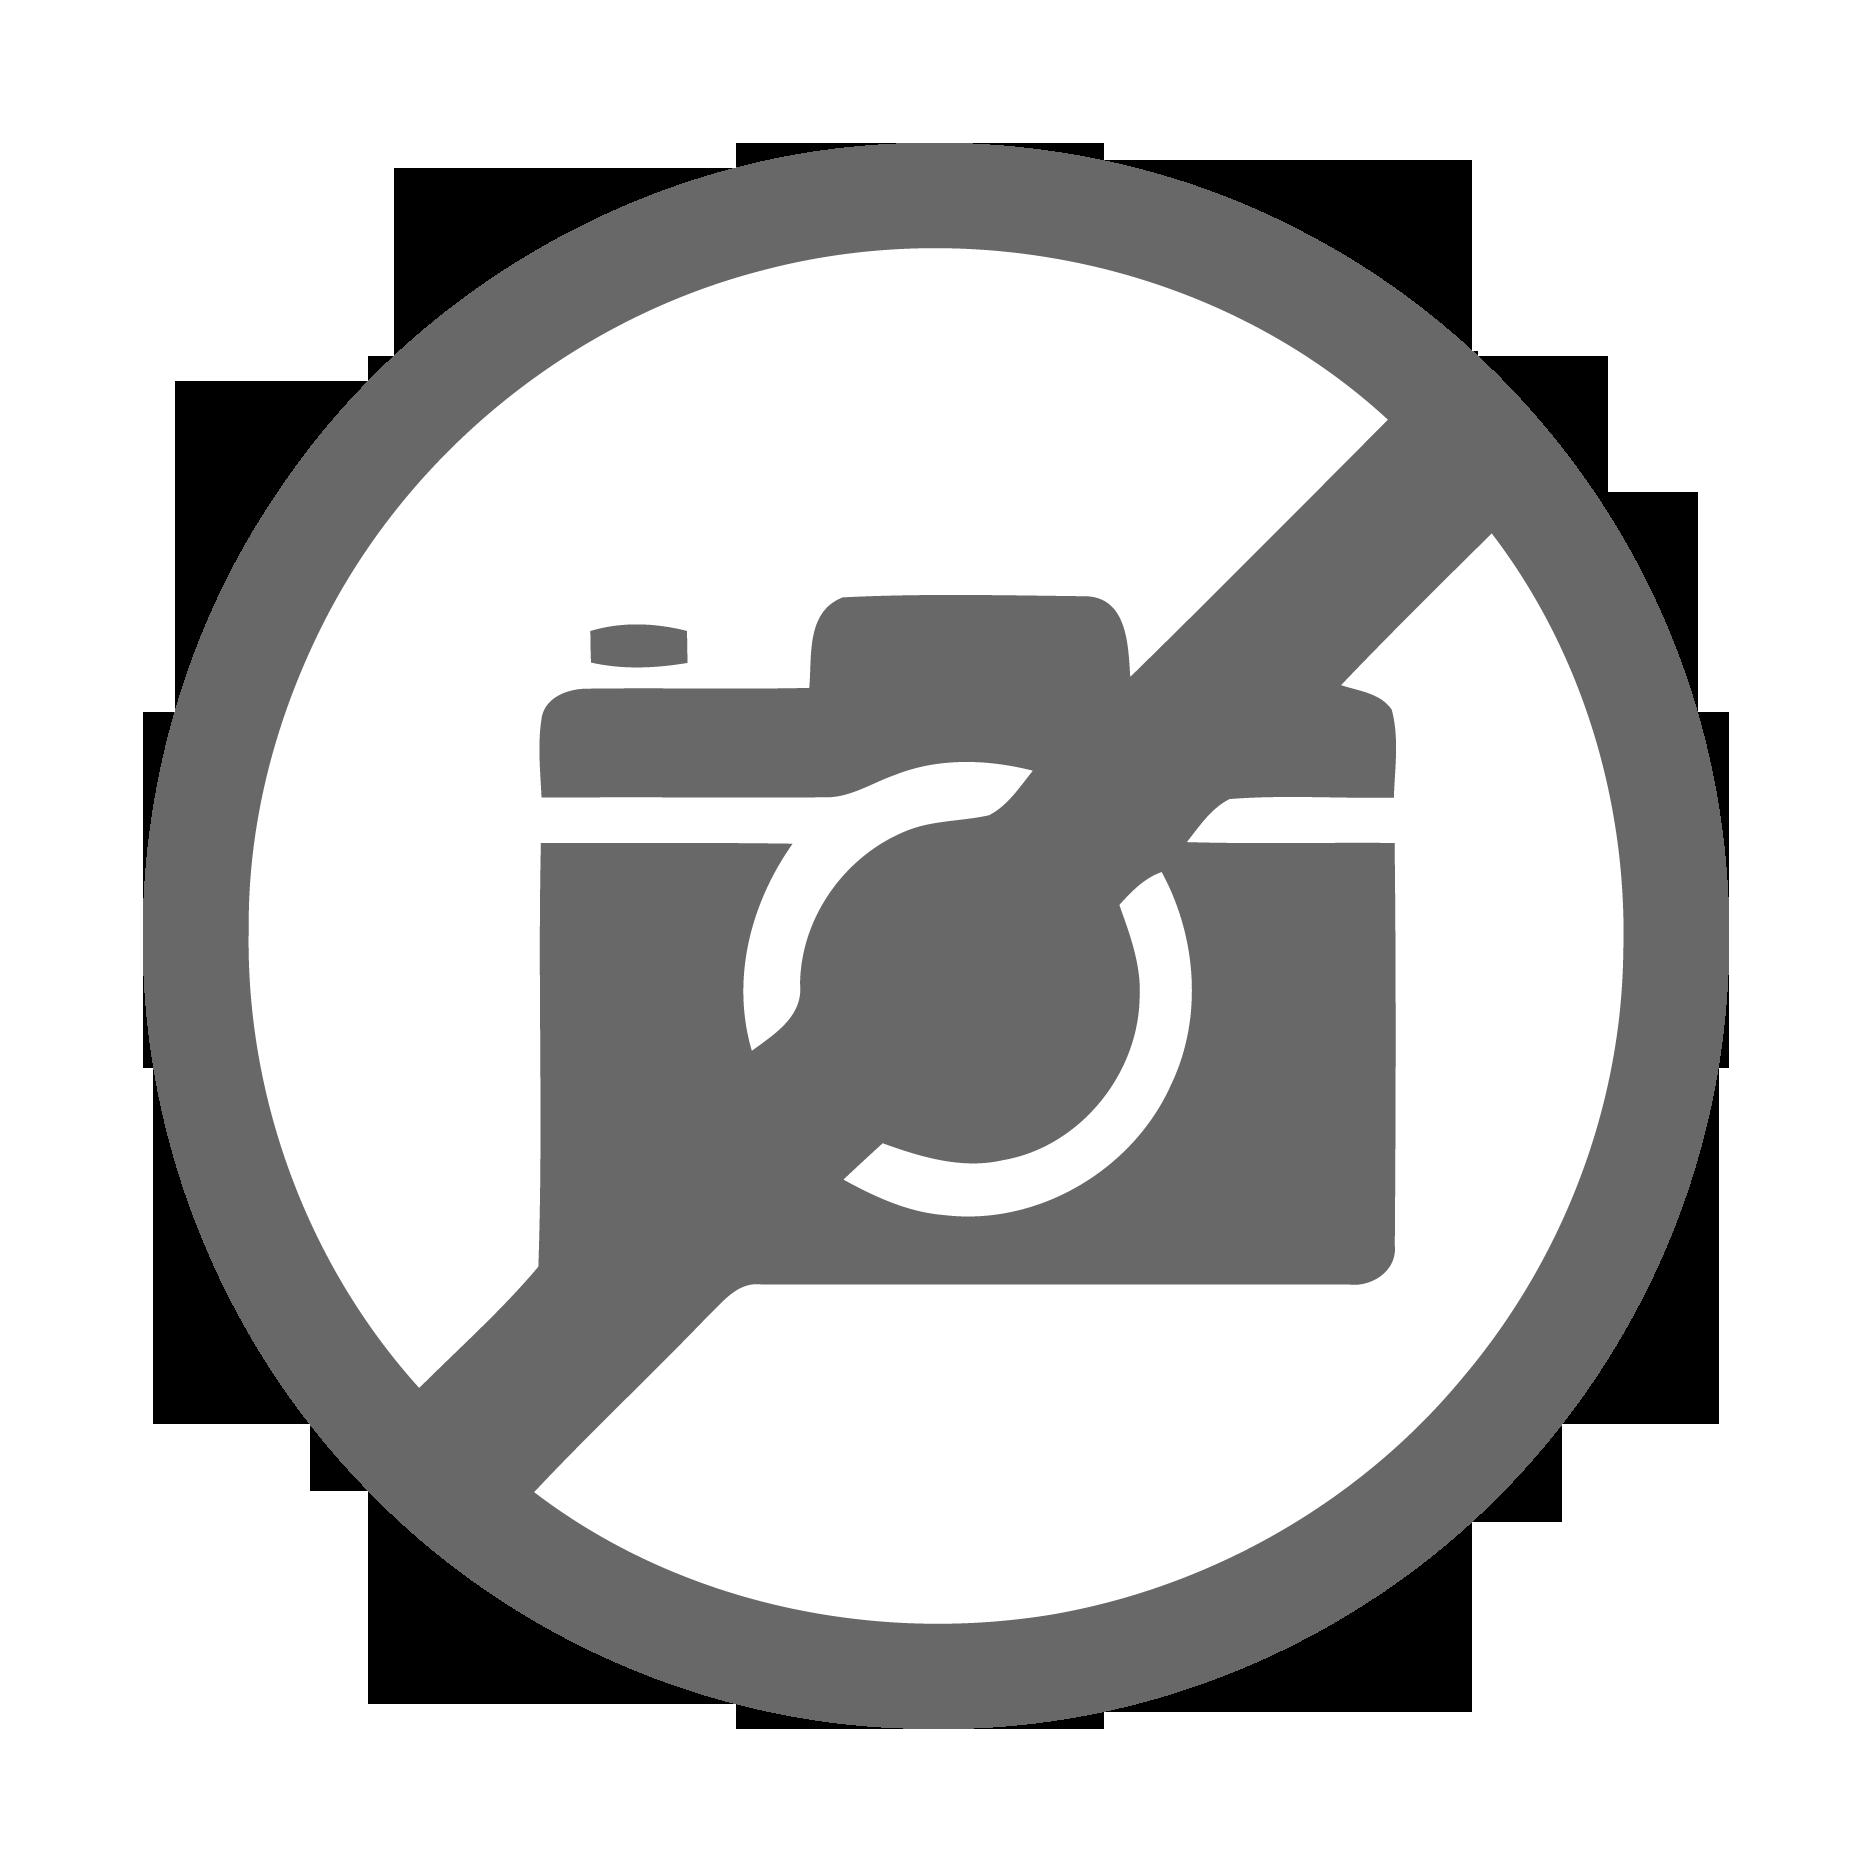 Teferitch